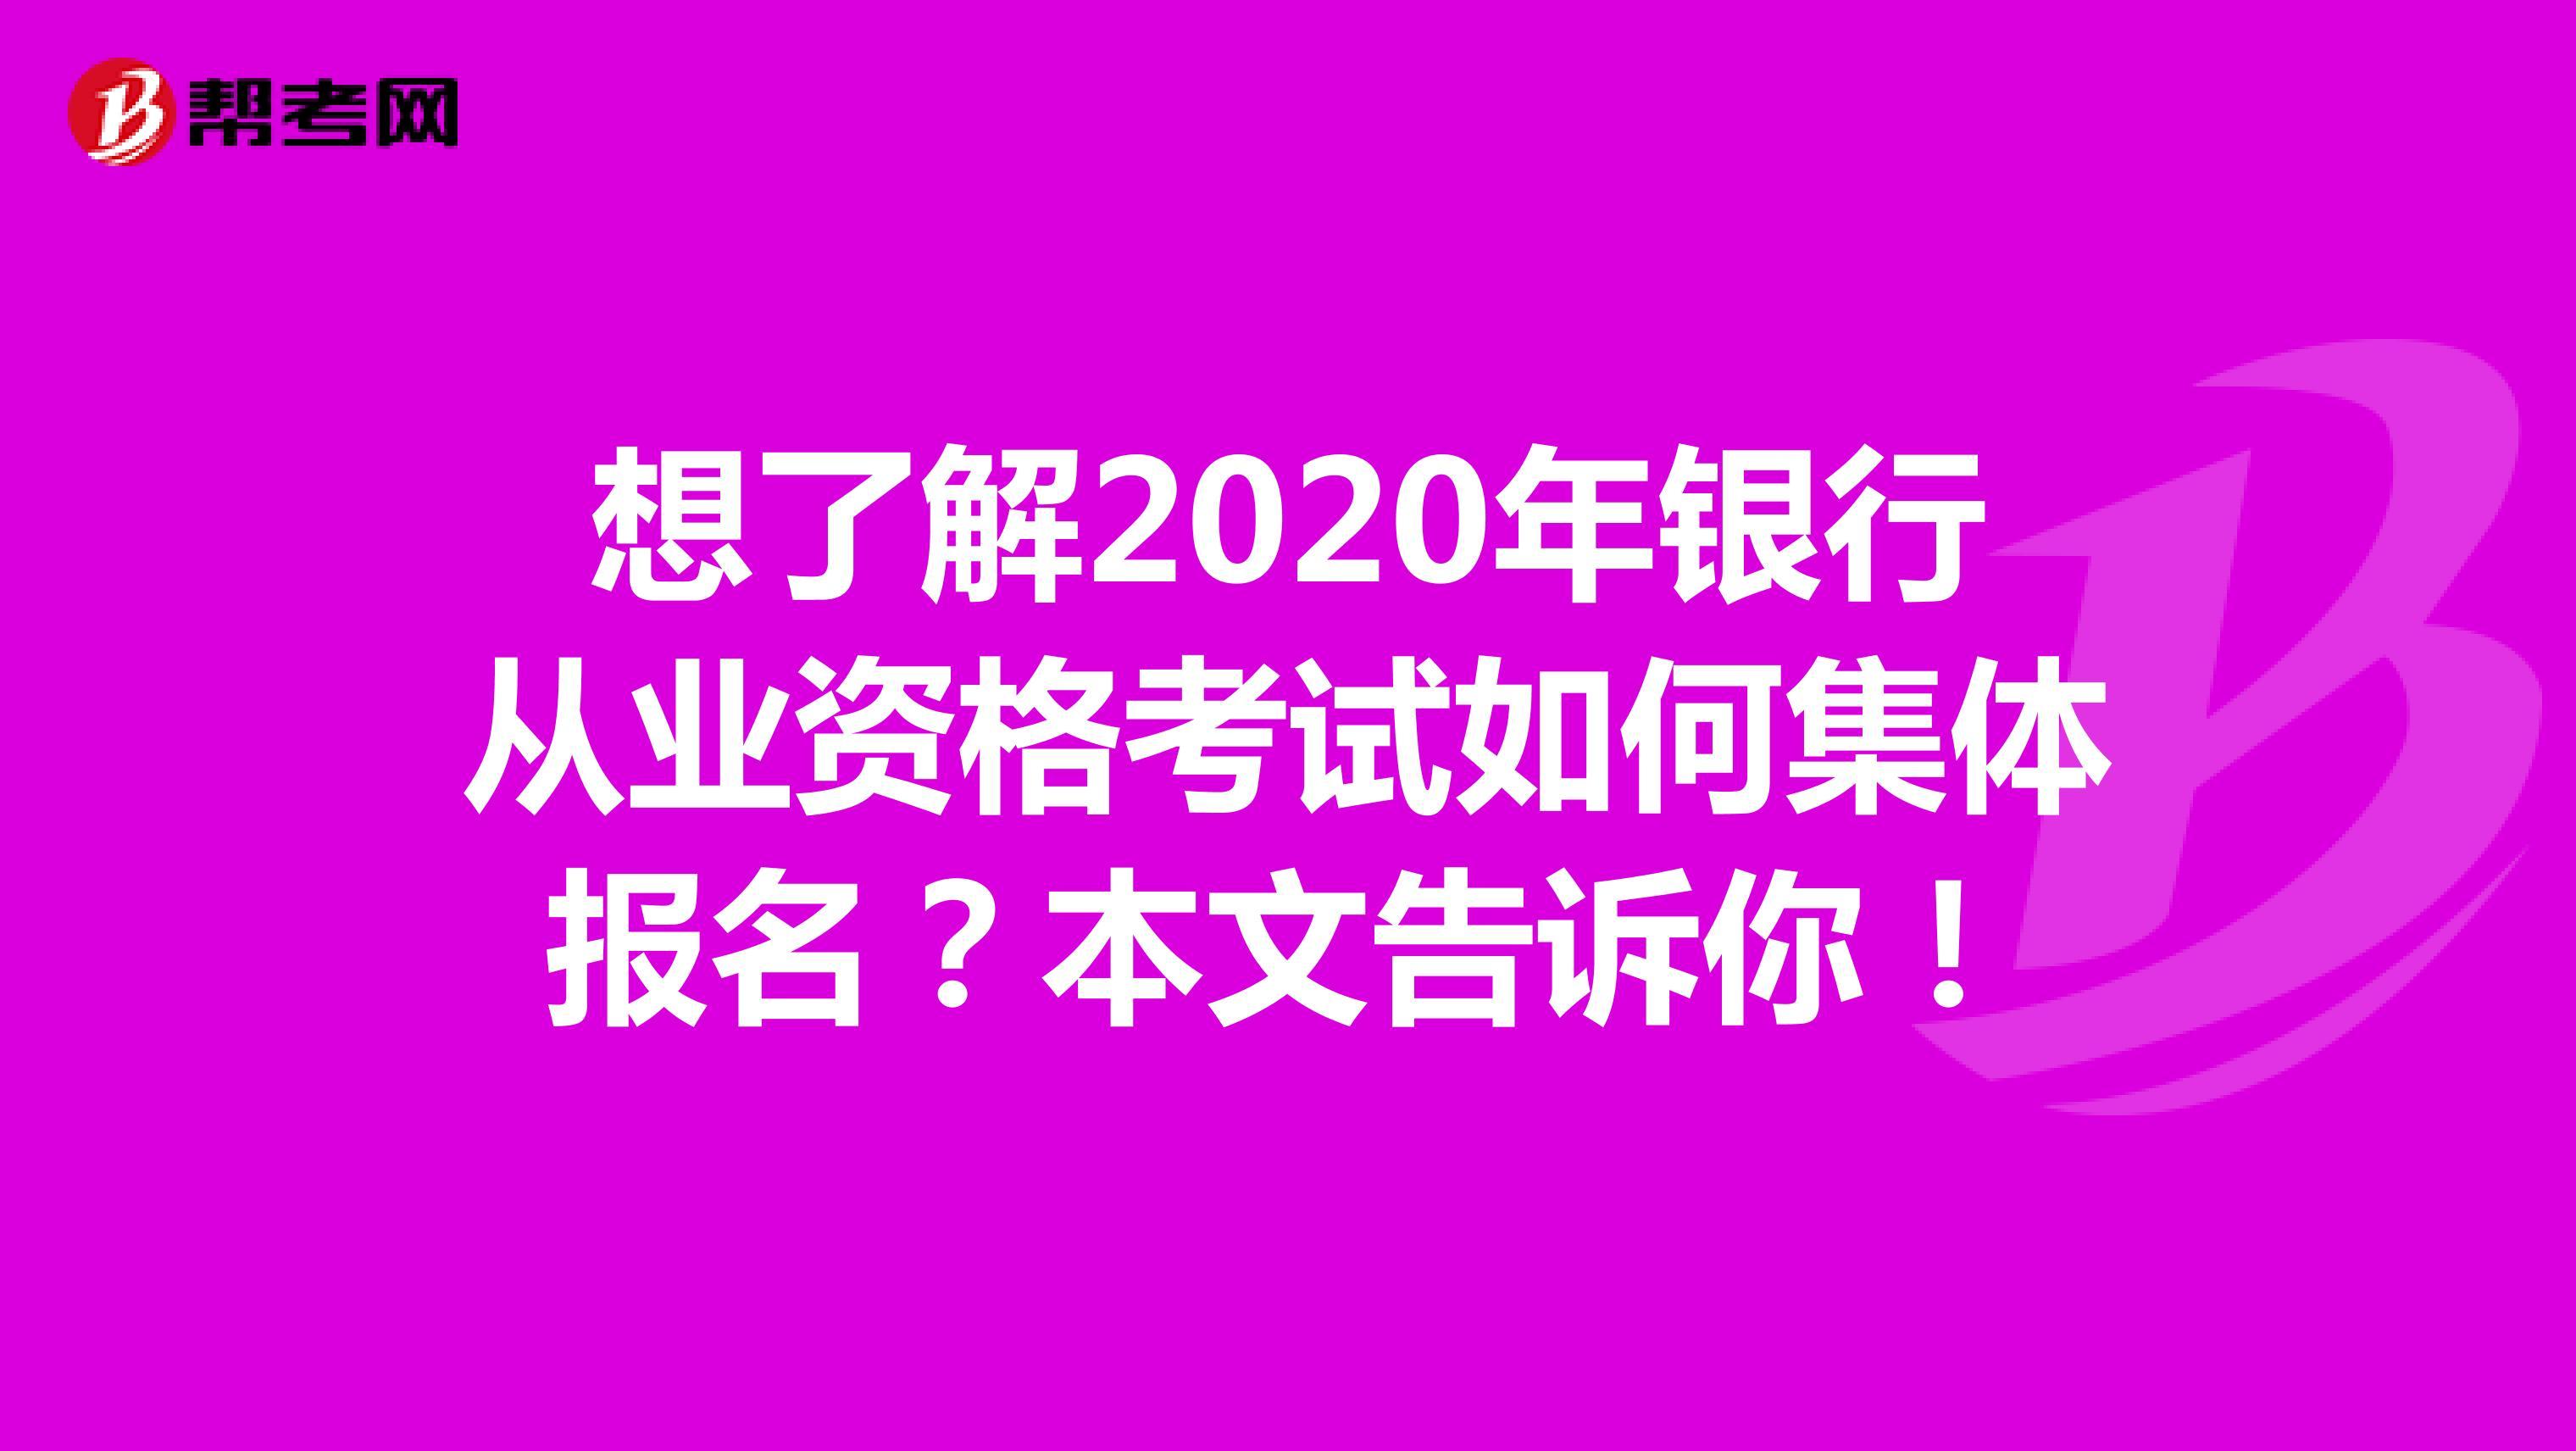 想了解2020年银行从业资格考试如何集体报名?本文告诉你!